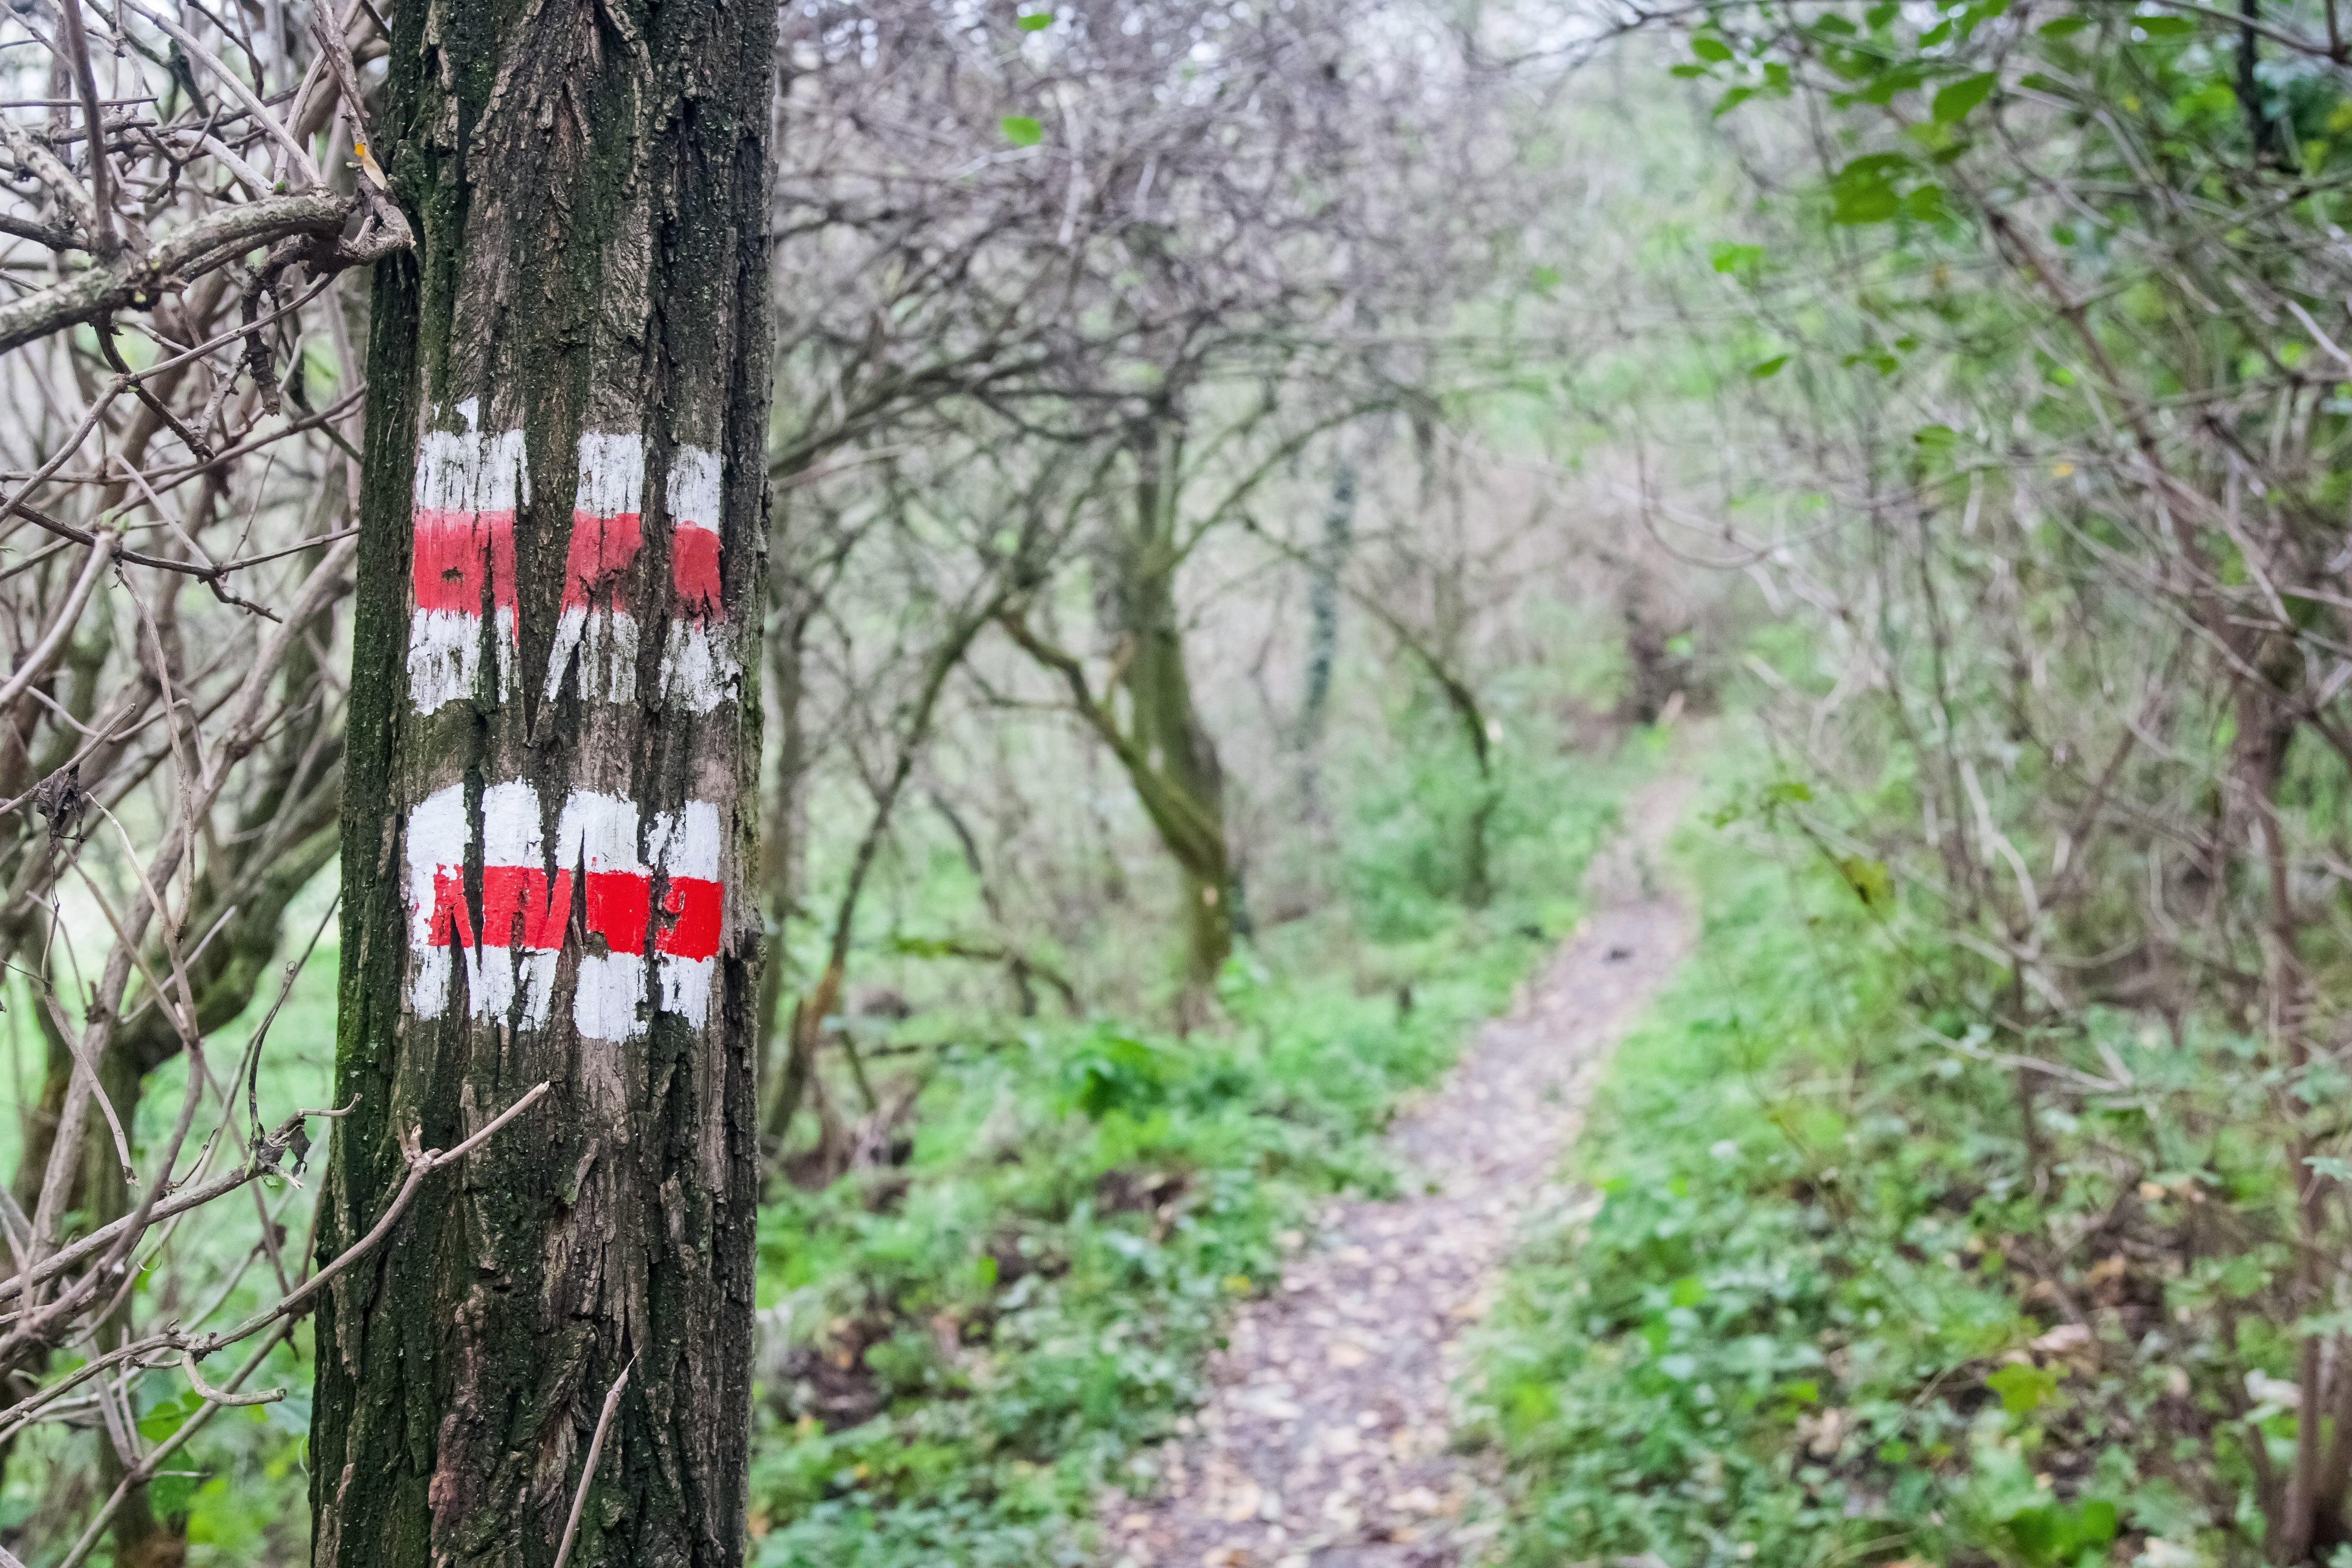 Egy hónapig csak munkaidőben lehet kirándulni a Velencei-hegységben, mert a vadászok lefoglalták az erdőt